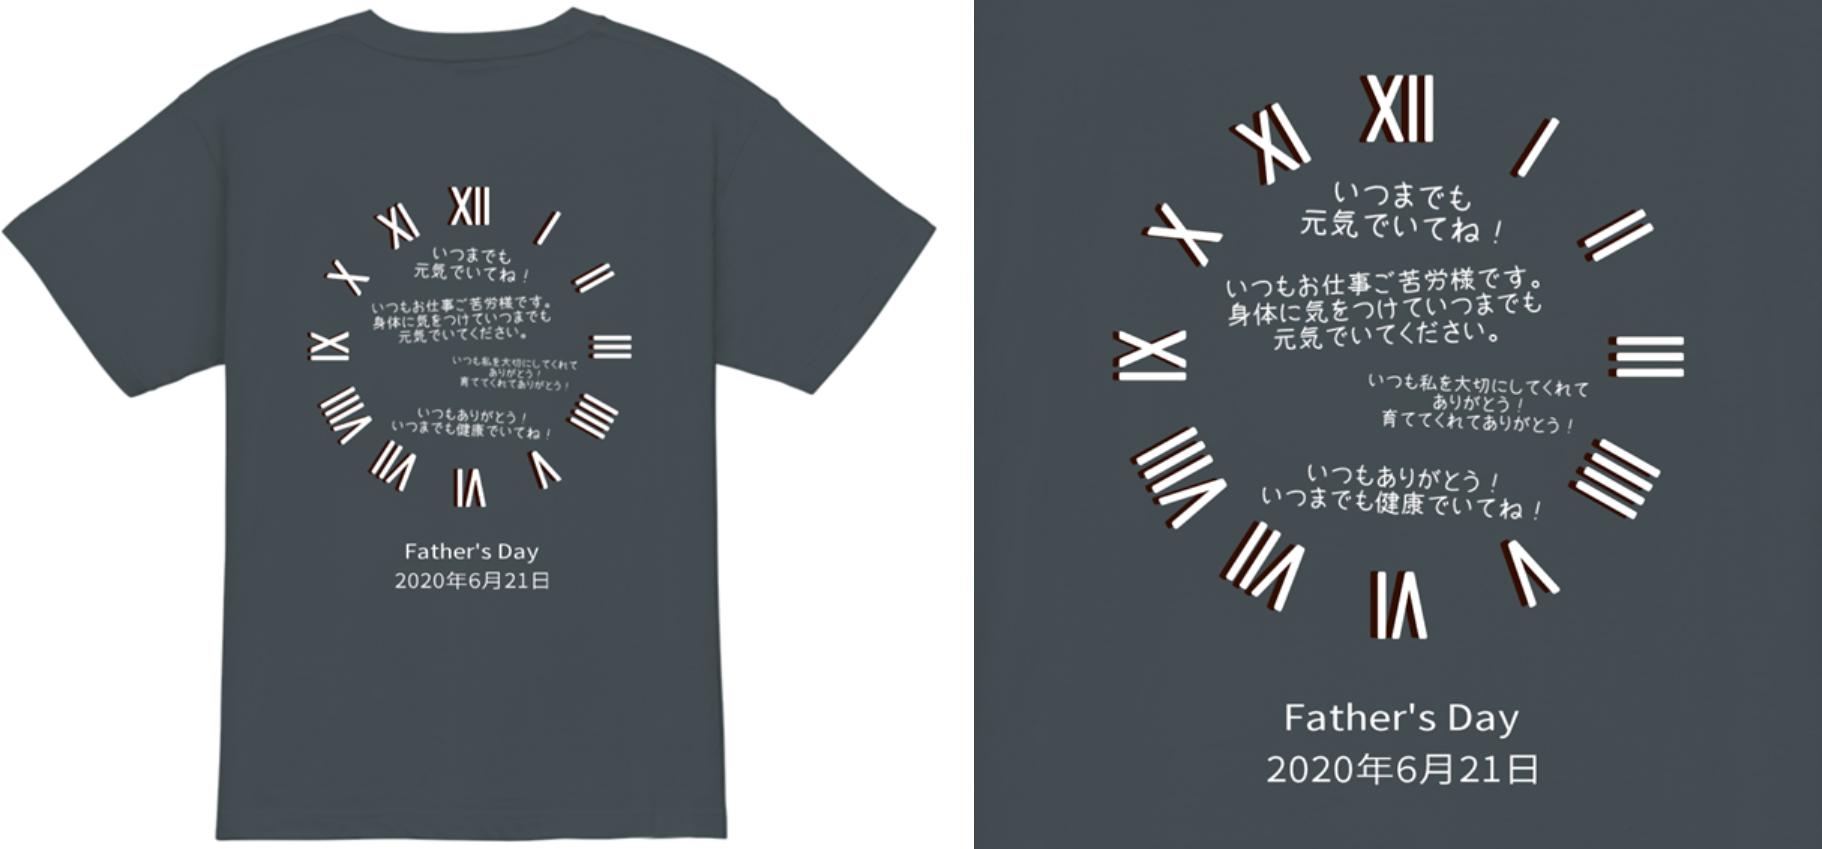 裏面 寄せ書きTシャツデザイン例その2